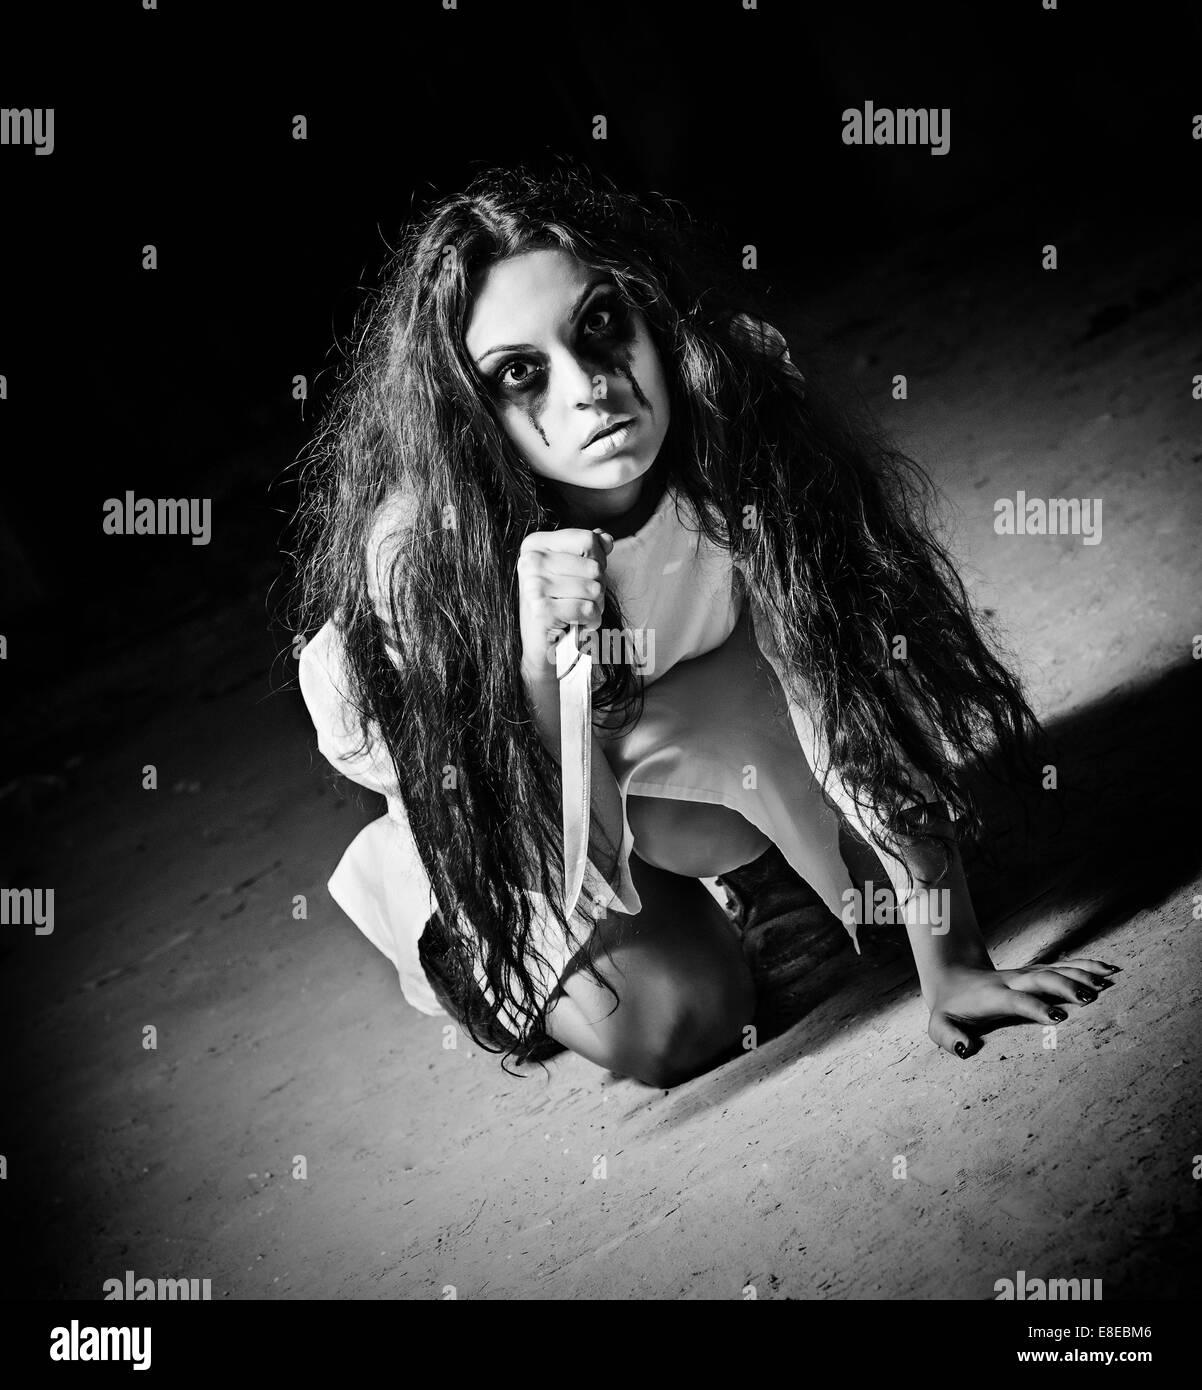 Monster Mädchen schwarz, Homoerotische Plakate und Figuren